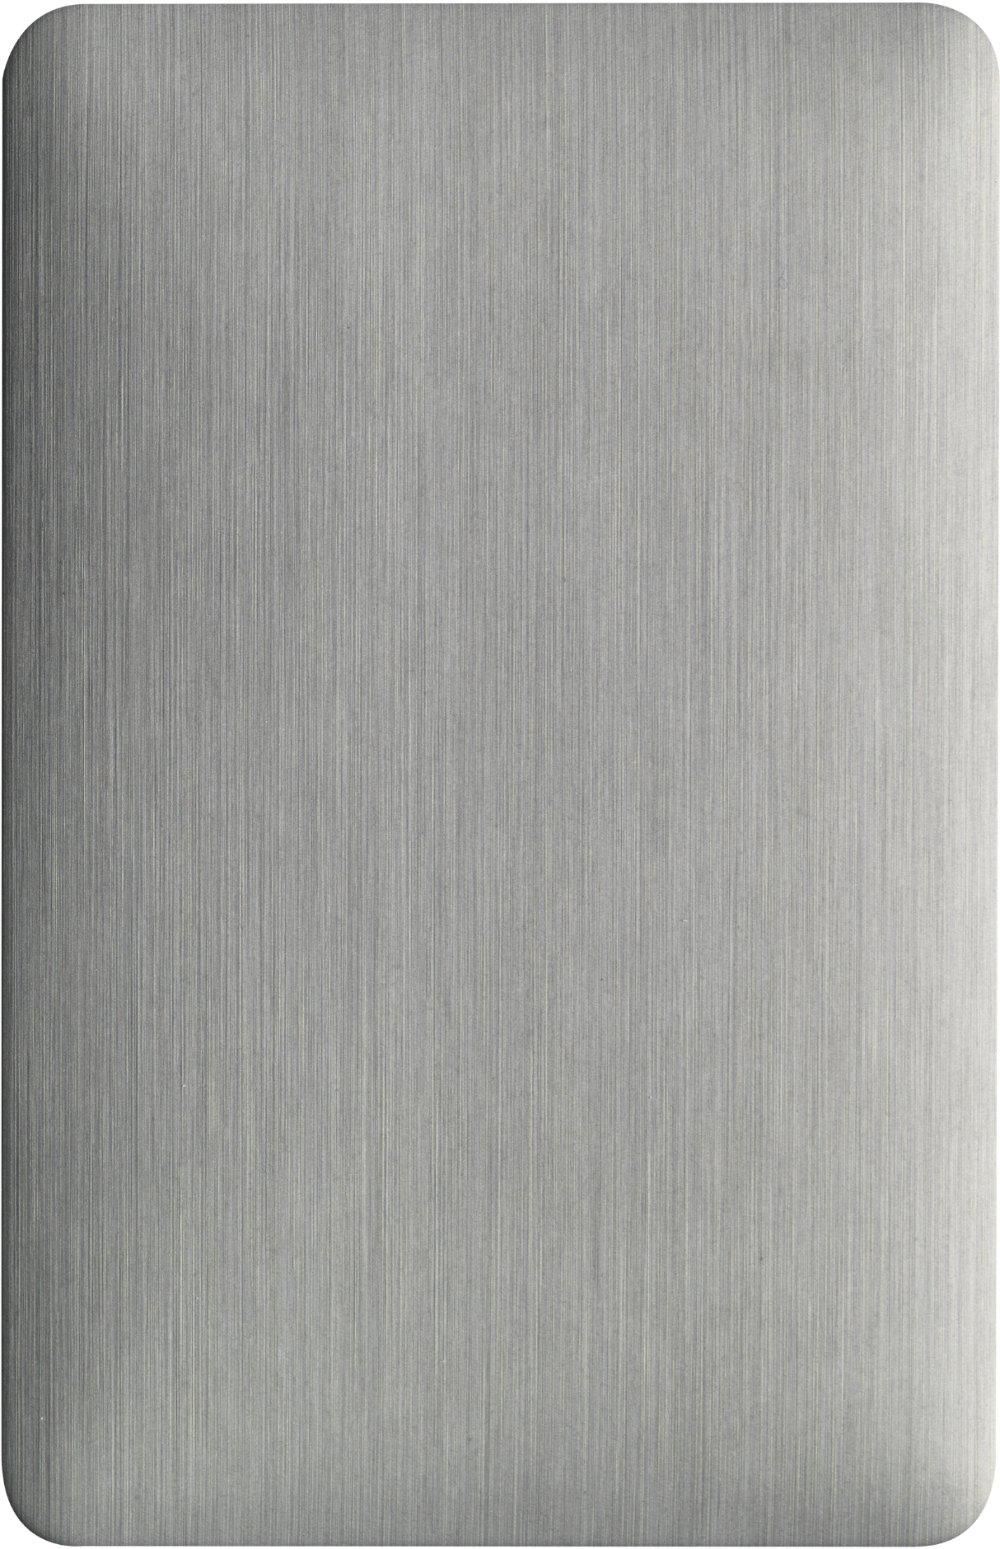 ECP AluNatur PUR-PA Titanium Brushed